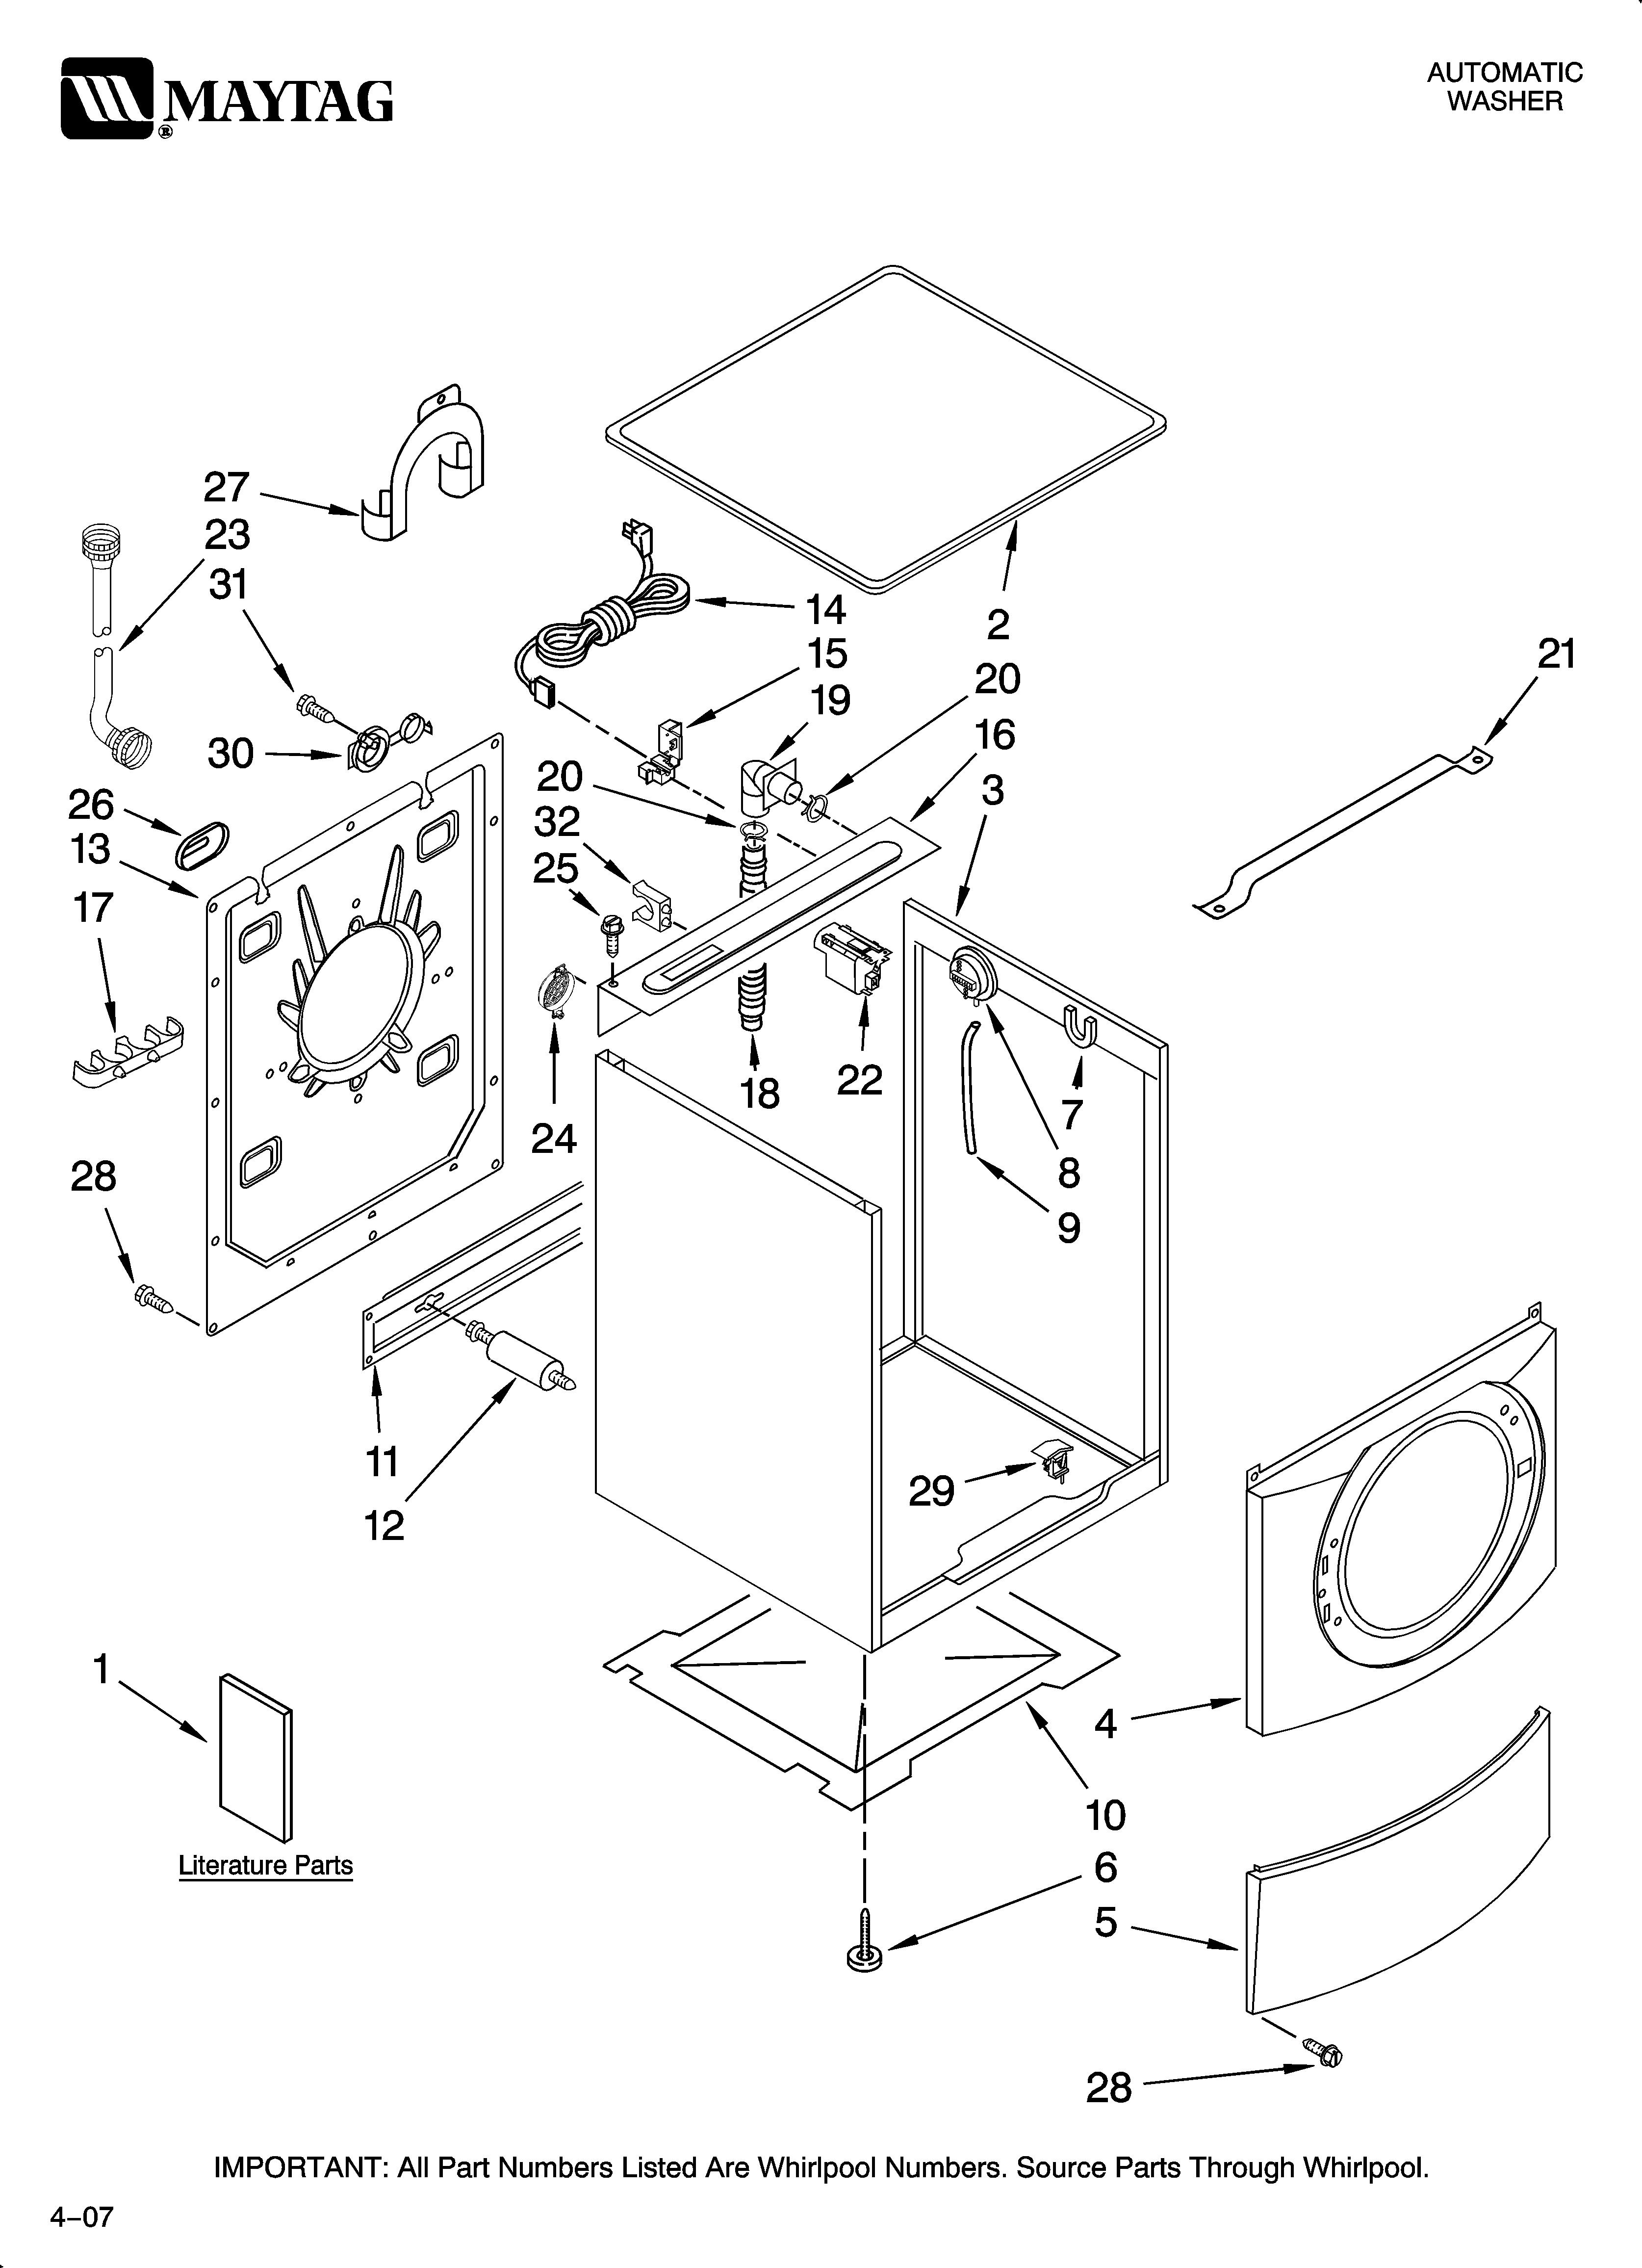 Wiring Diagram: 30 Maytag Washer Diagram